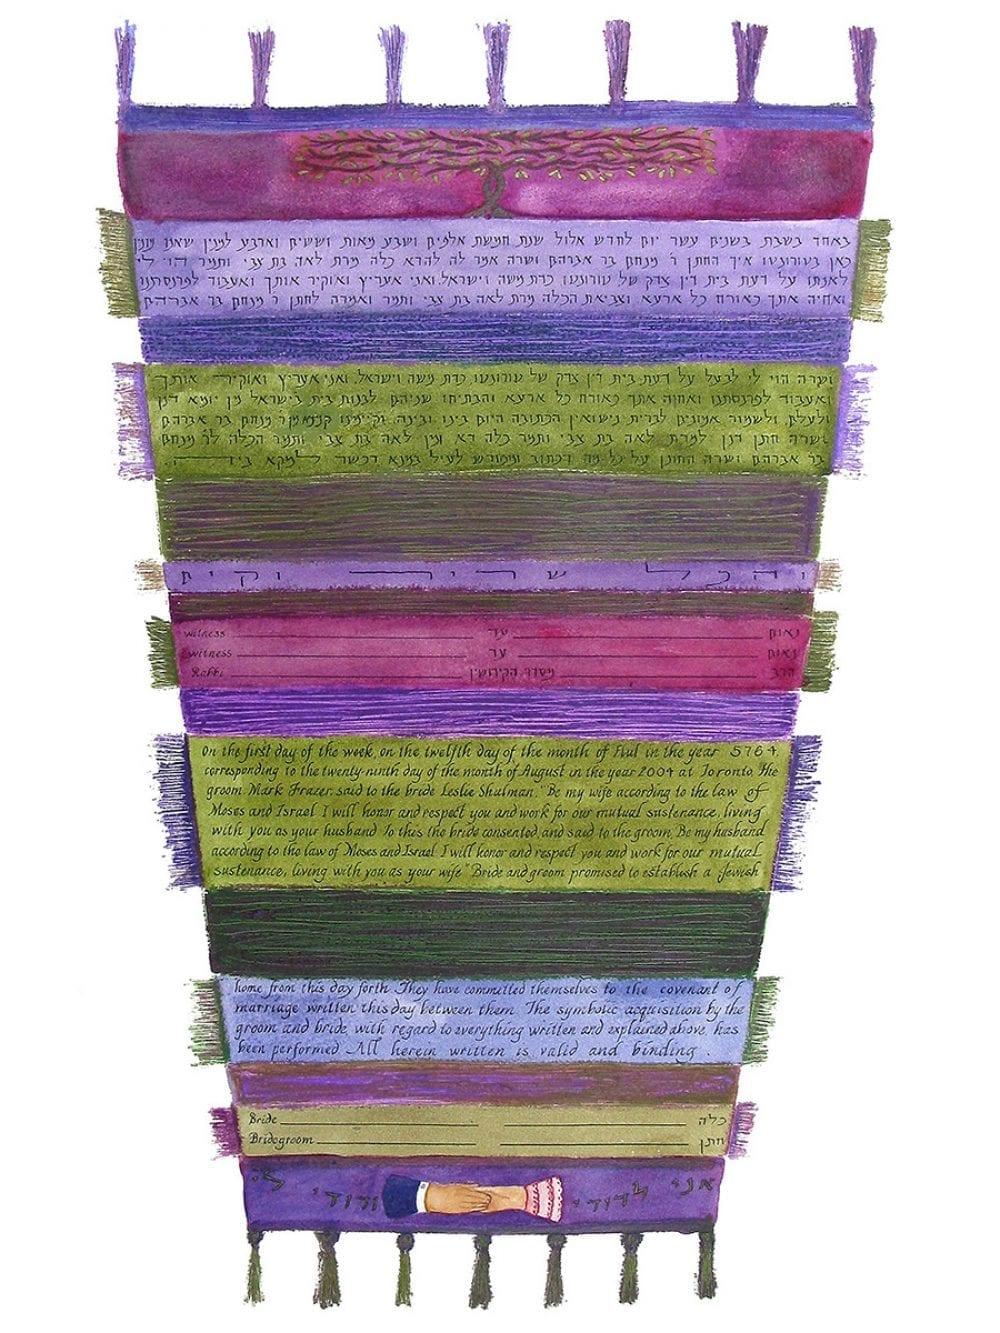 tallit-weaving-green-tree-ketubah